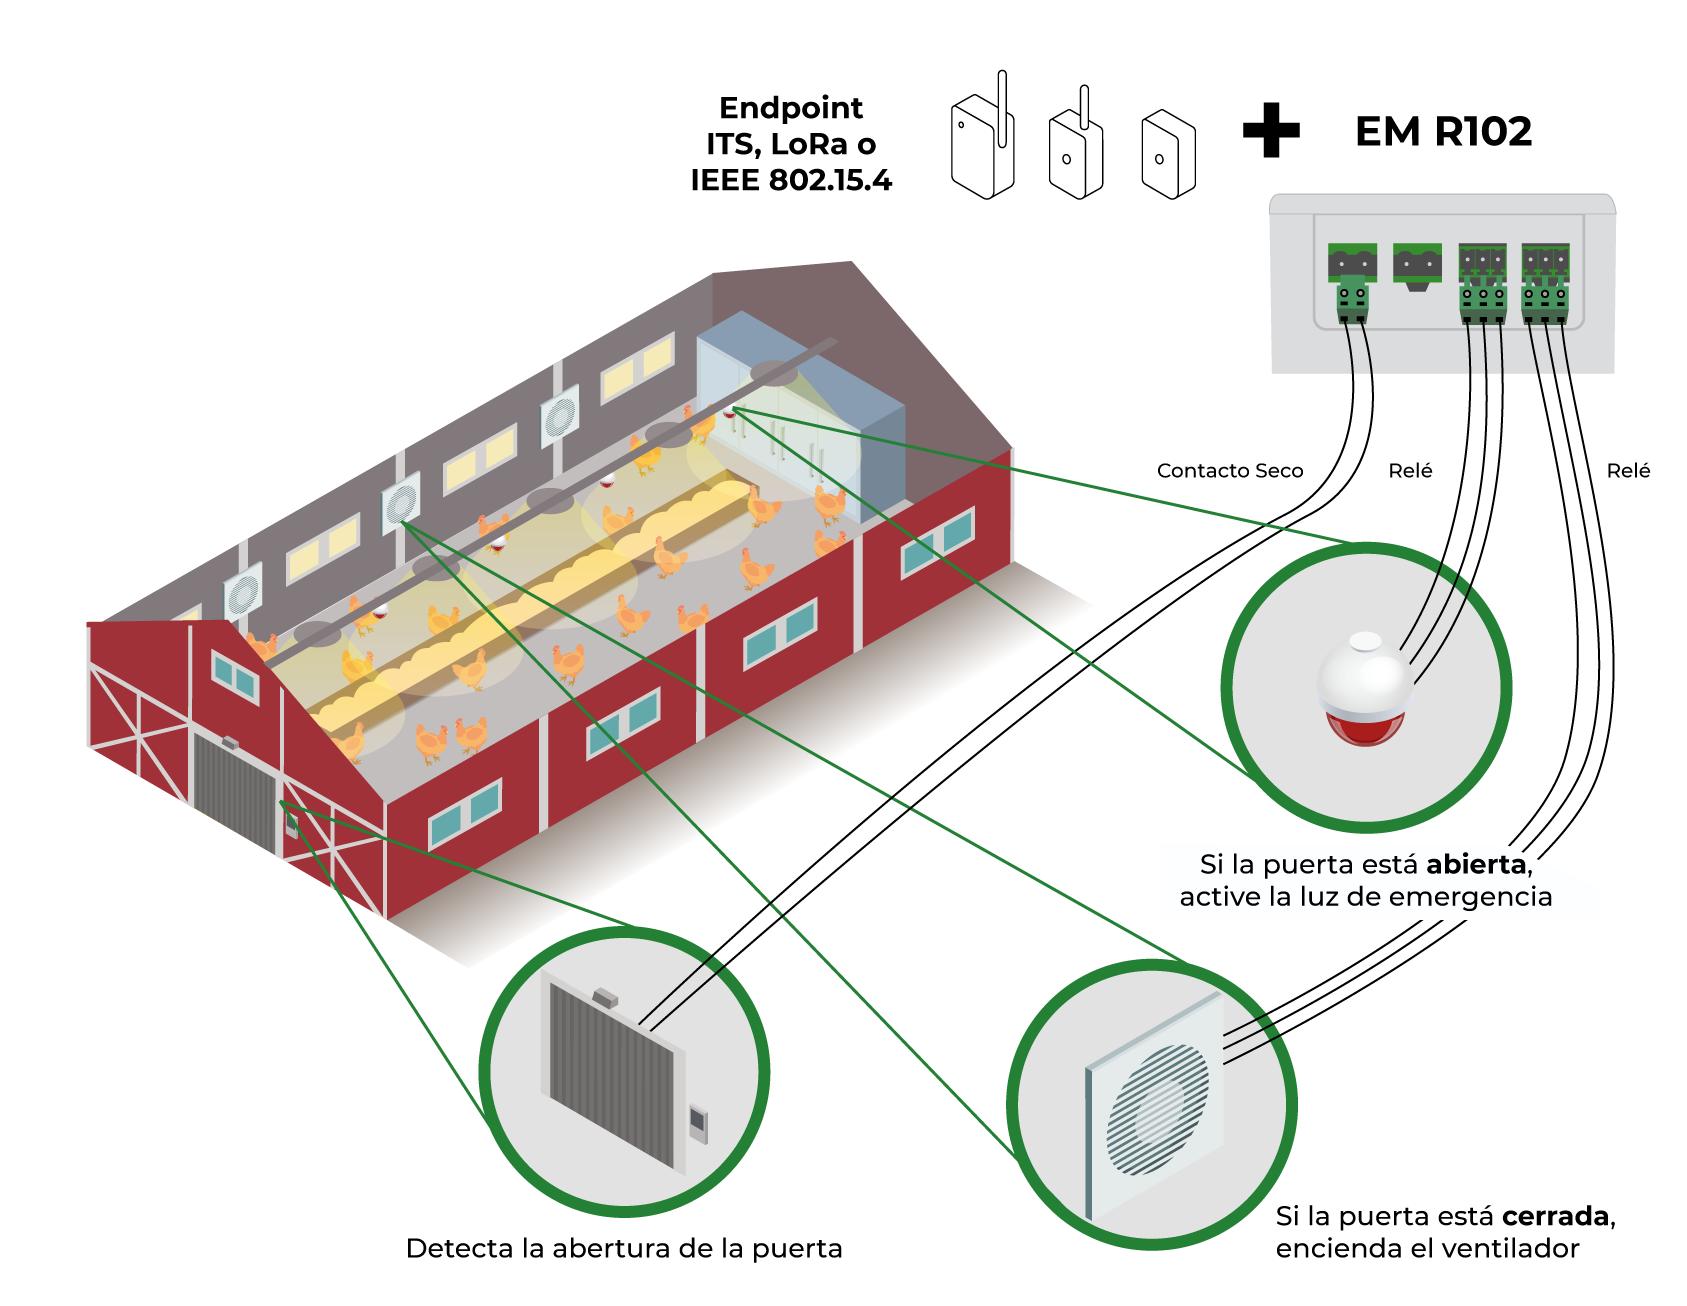 Modelo de aplicación 2 - EM R102 (extensión Endpoints IoT Khomp)